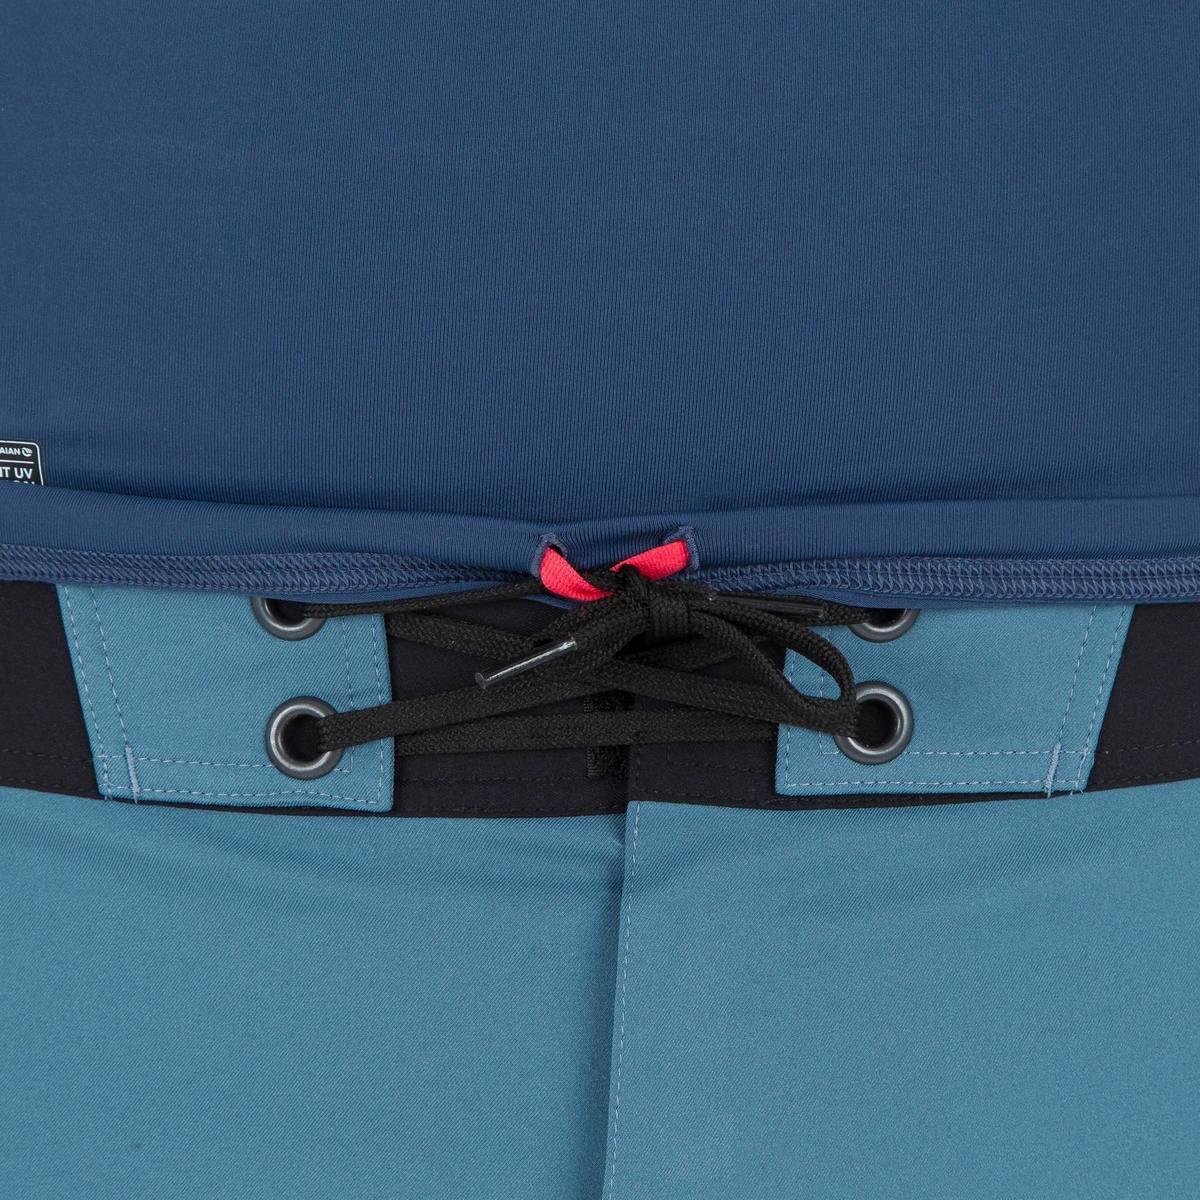 Bild 4 von UV-Shirt Surfen Top 500 kurzarm Herren blaugrau